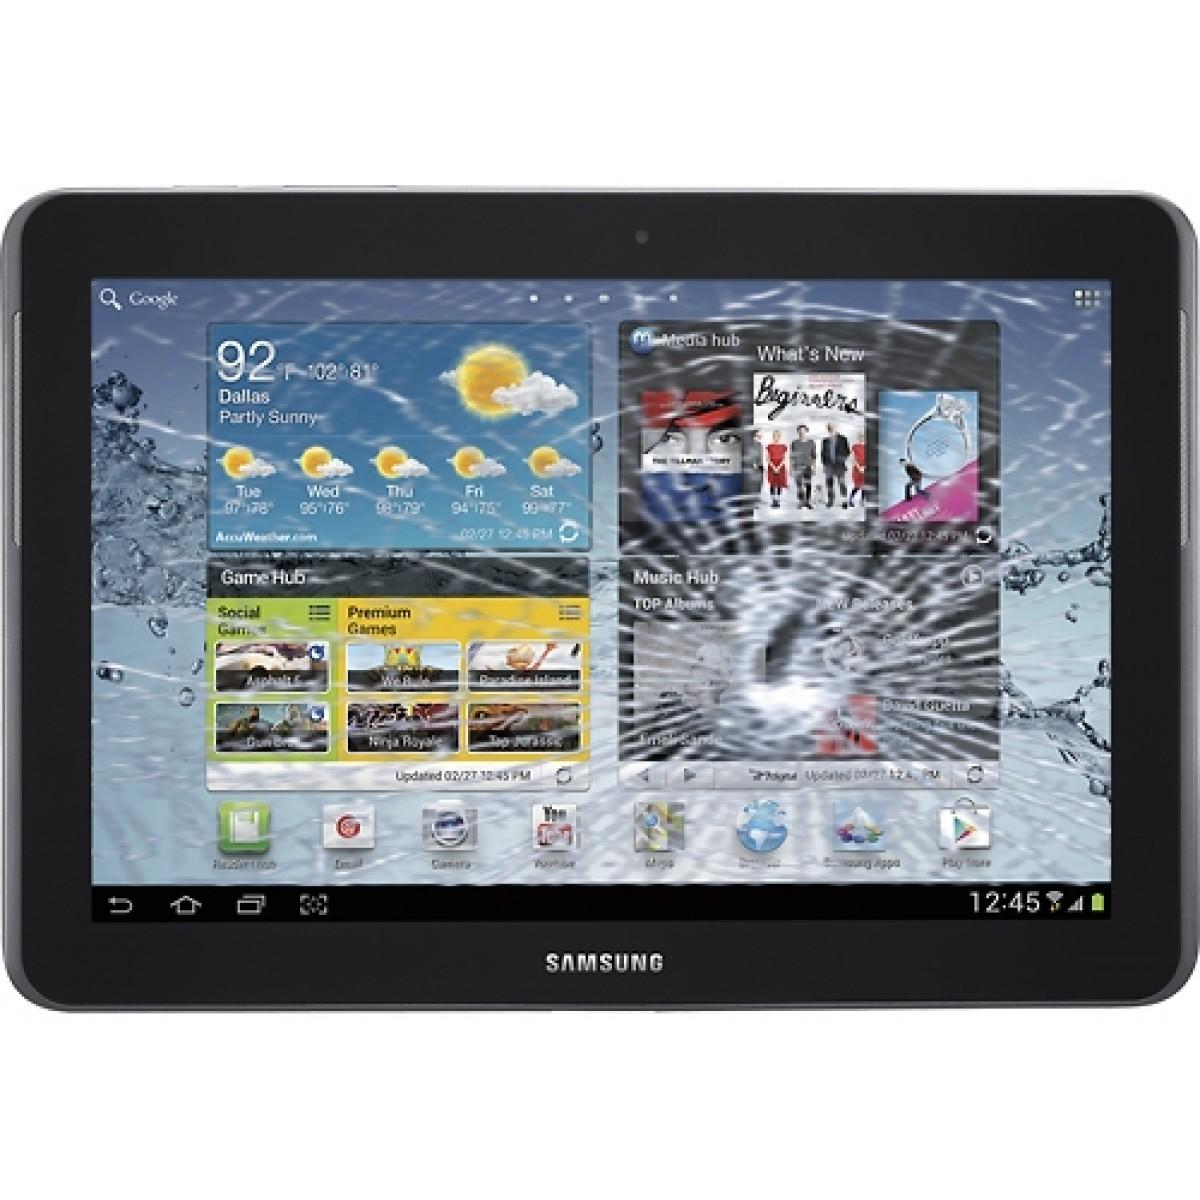 Thay màn hình máy tính bảng Samsung chính hãng